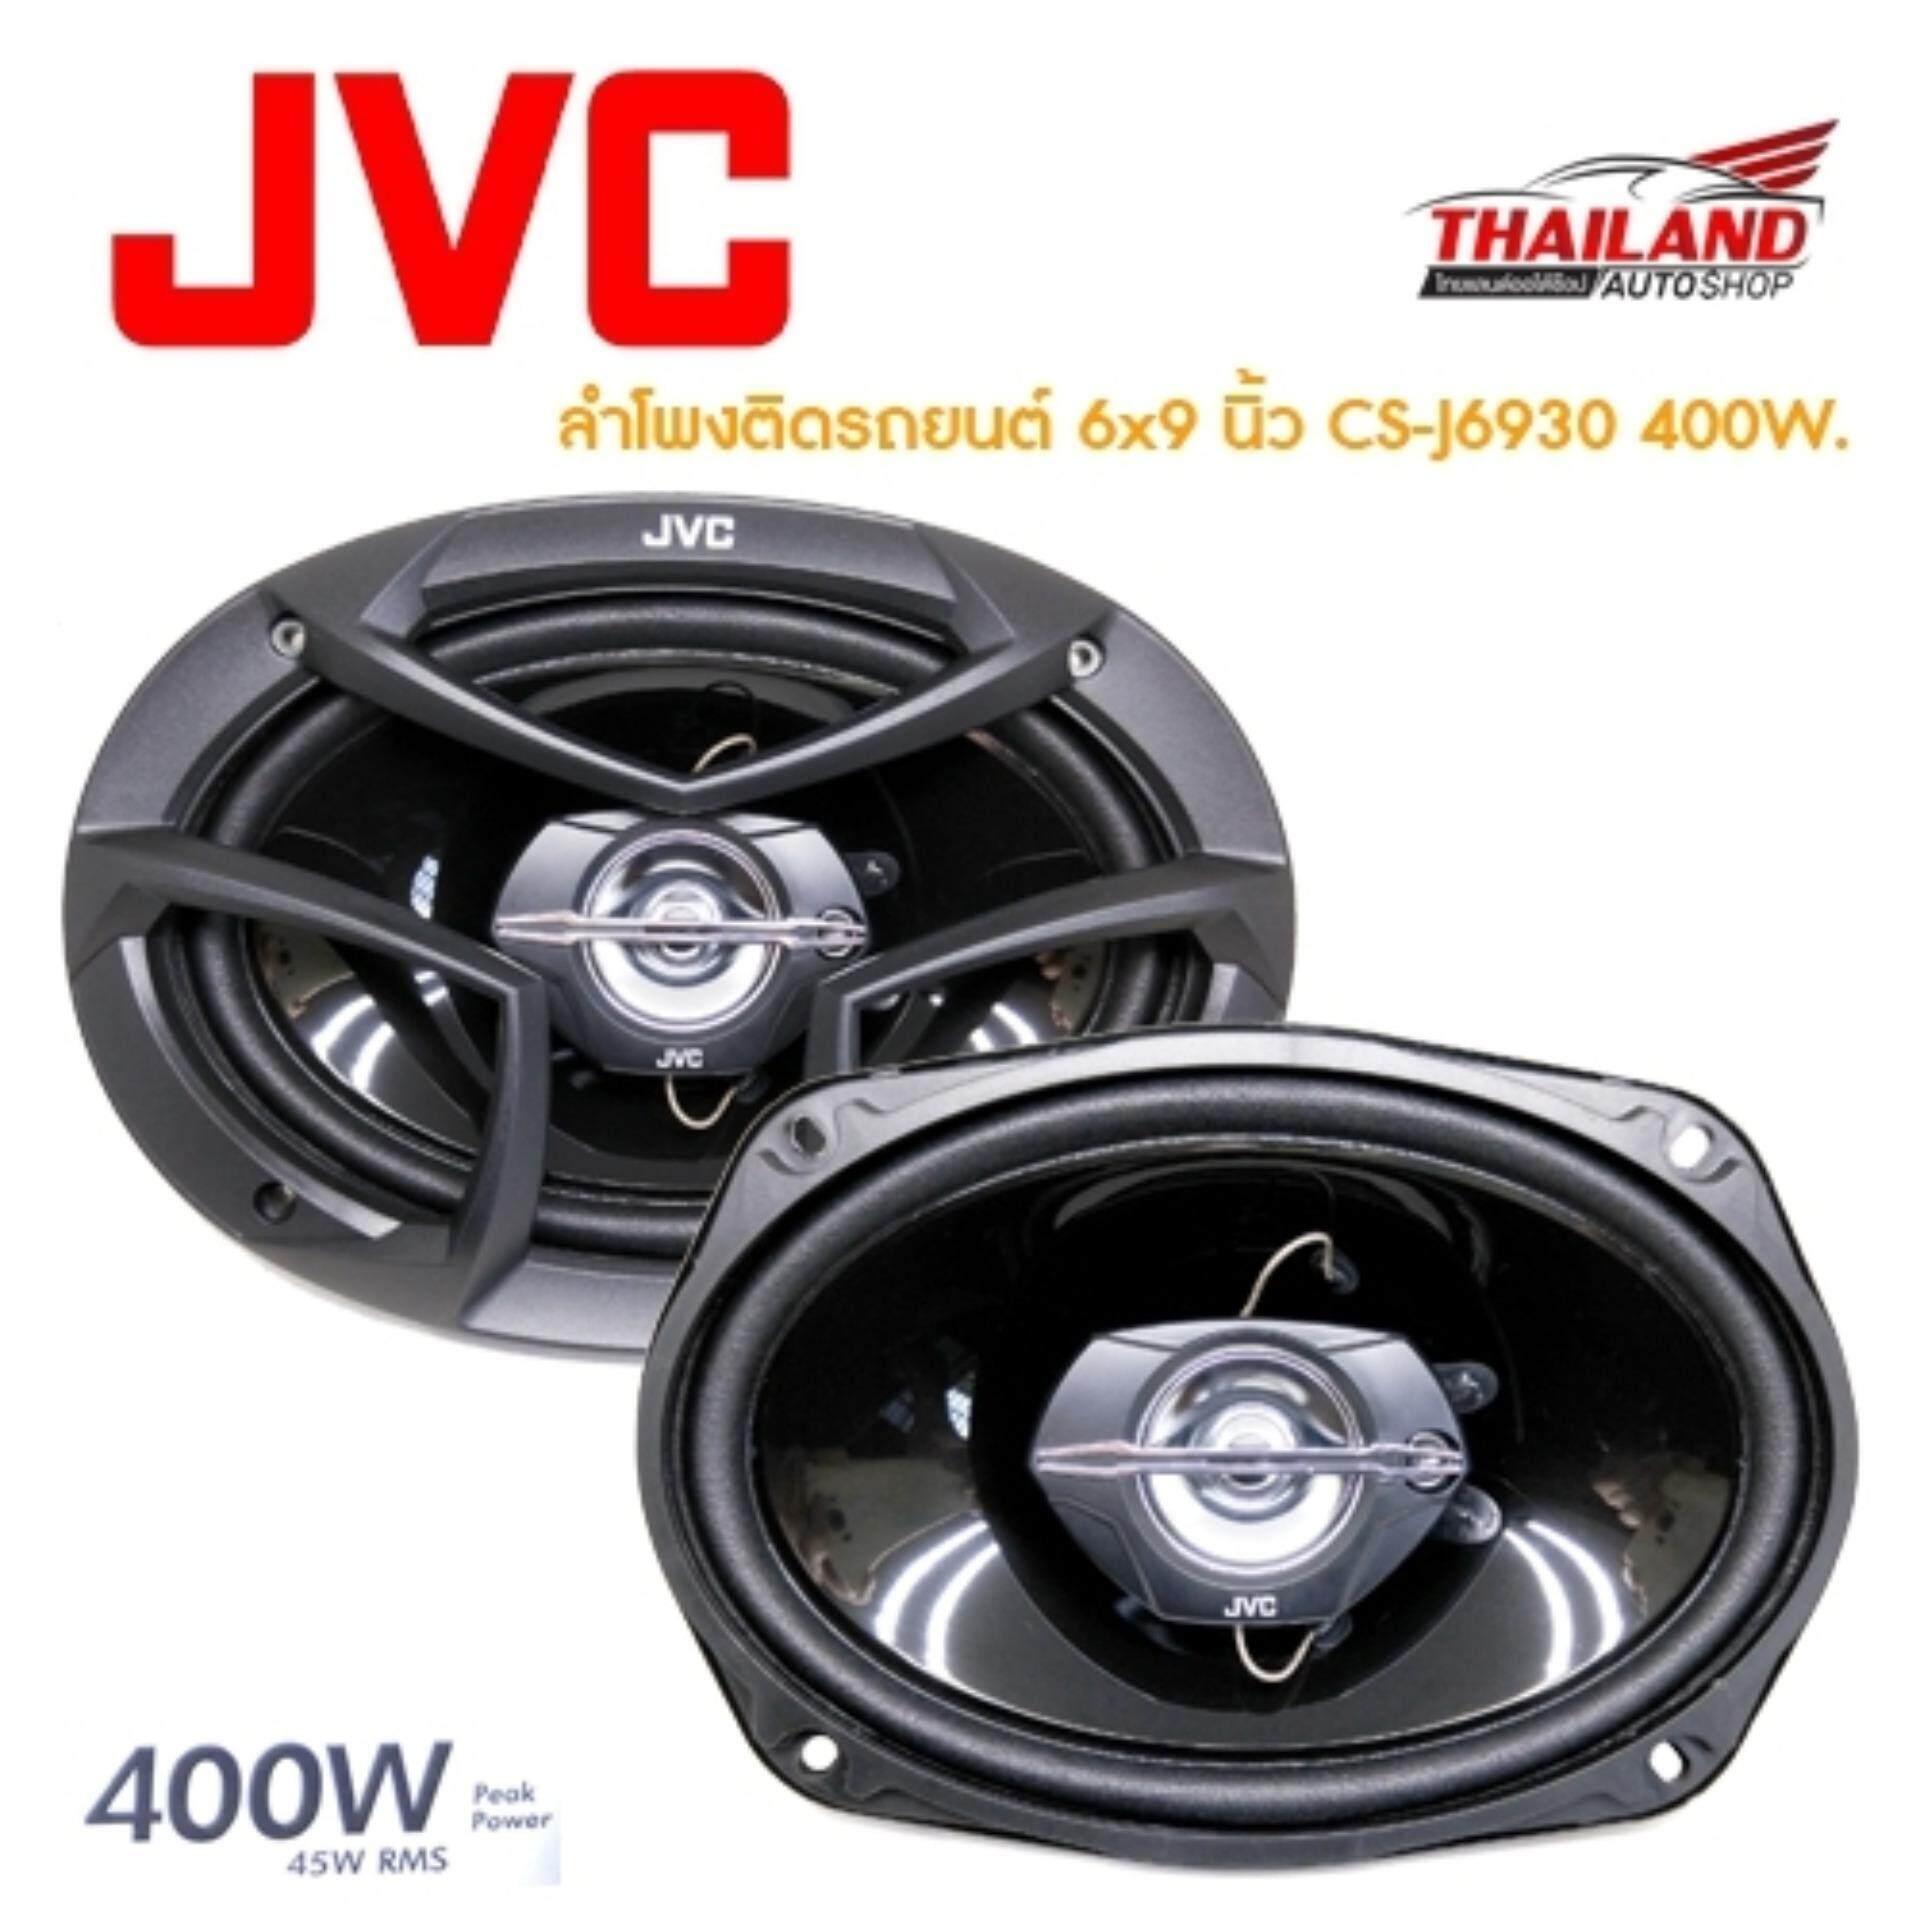 ราคา Jvc ลำโพง 6X9 3 ทาง รุ่น Cs J6930 Jvc